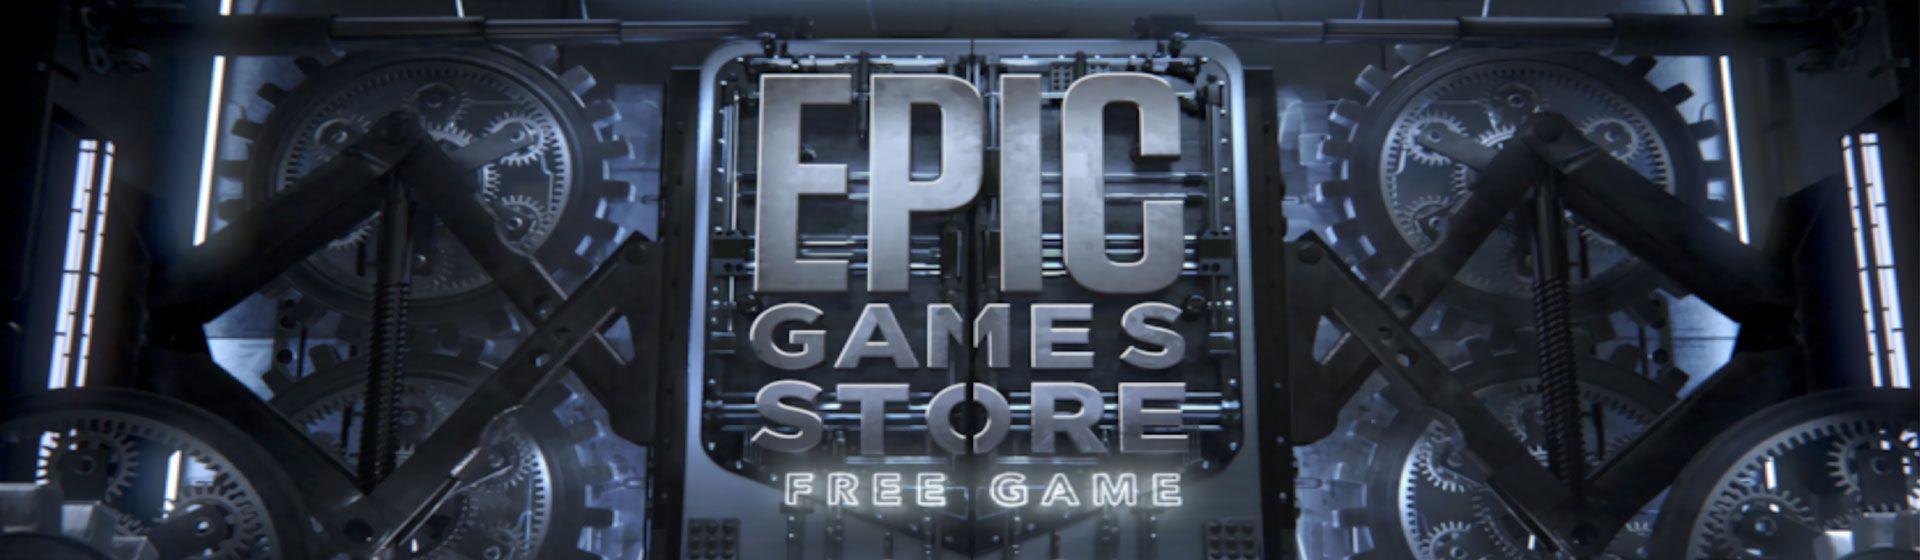 Jogos grátis Epic Games: como saber quais são e baixar para jogar